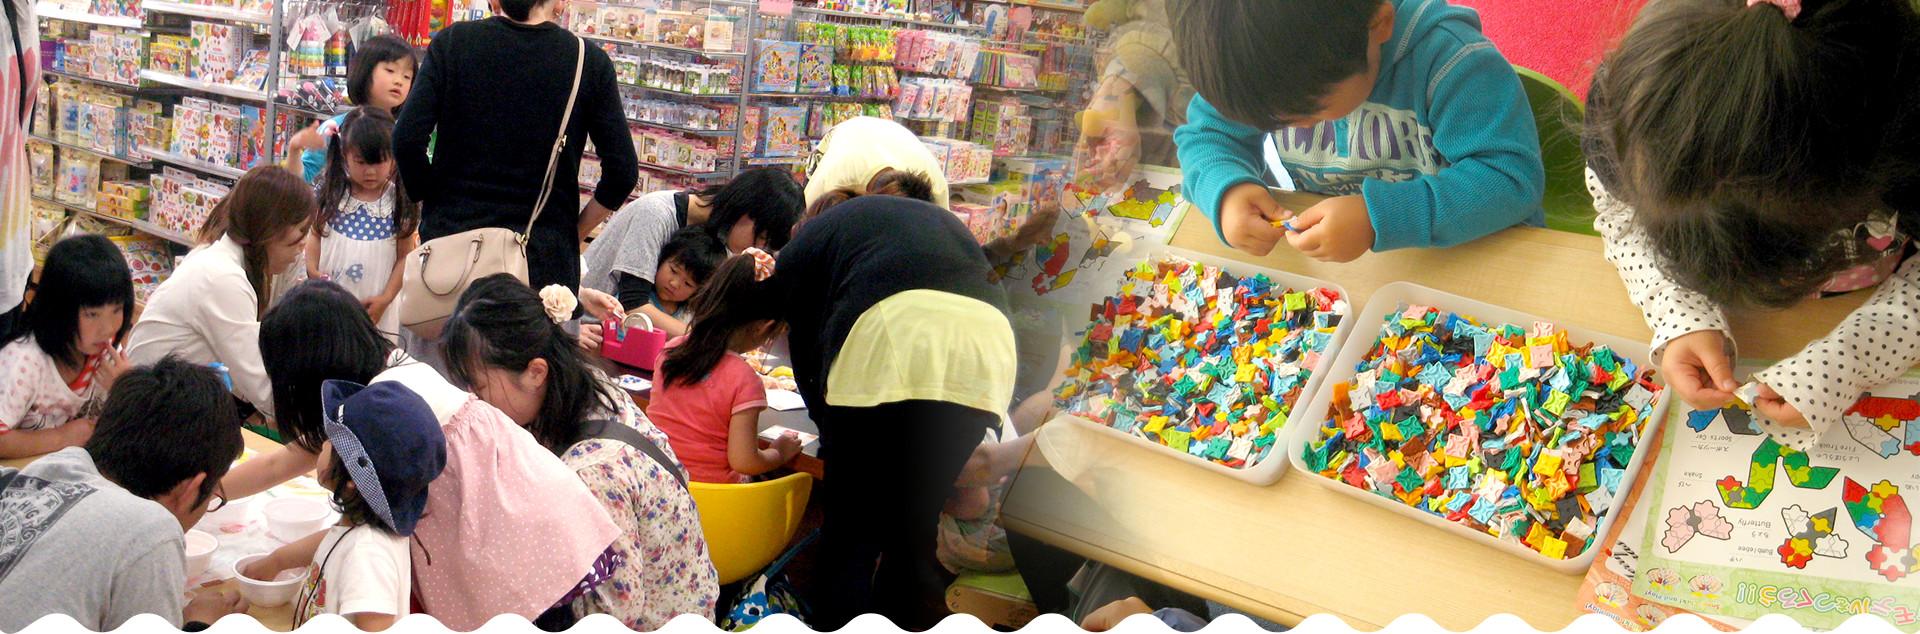 親子で楽しめる郊外型のまなべる雑貨やさん店舗では体験会や各種イベントなど、思い出に残る企画をご用意しています!